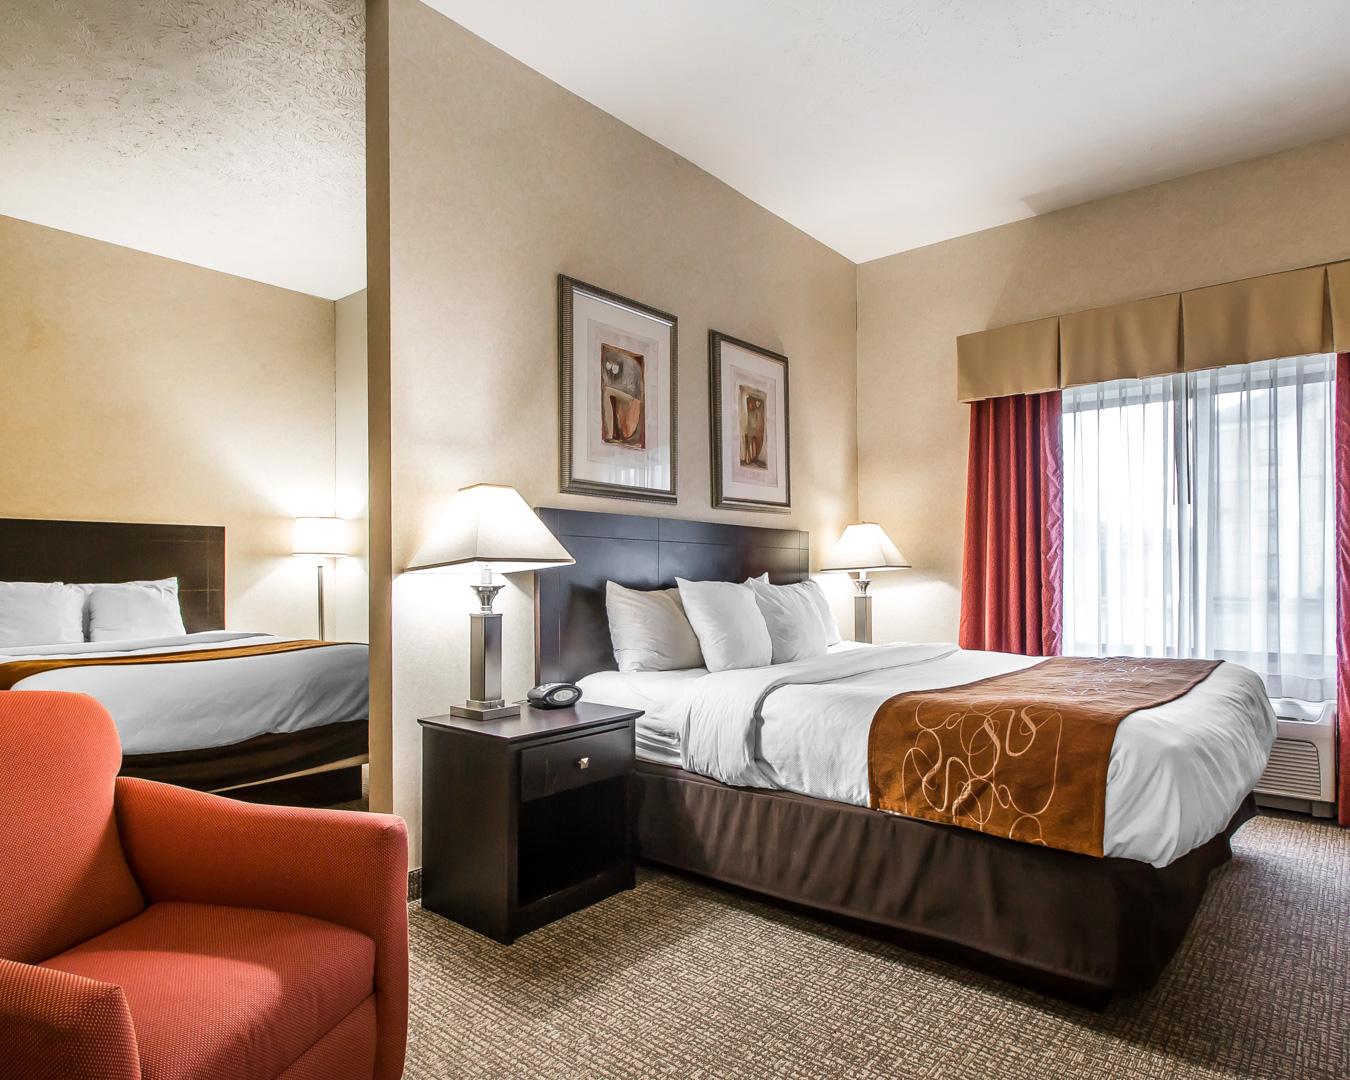 Comfort Suites - Merrillville, IN - Company Information